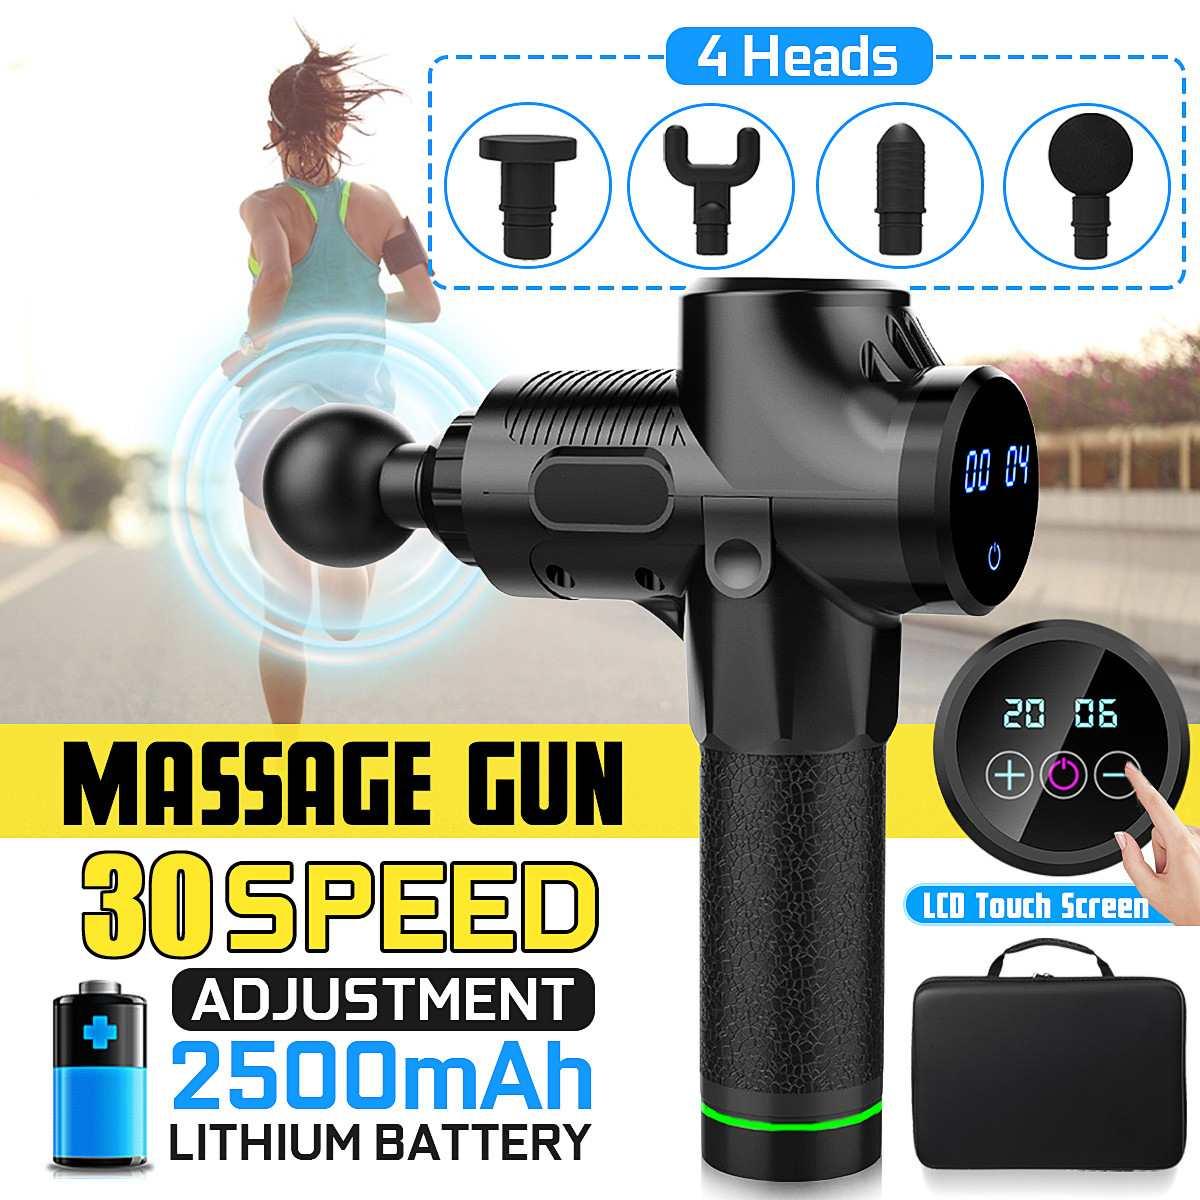 Nouveau 30 fichiers masseur musculaire thérapie électrique corps LED Massage musculaire pistolets corps relaxant soulagement Massage Machine 4 tête 4000r/min